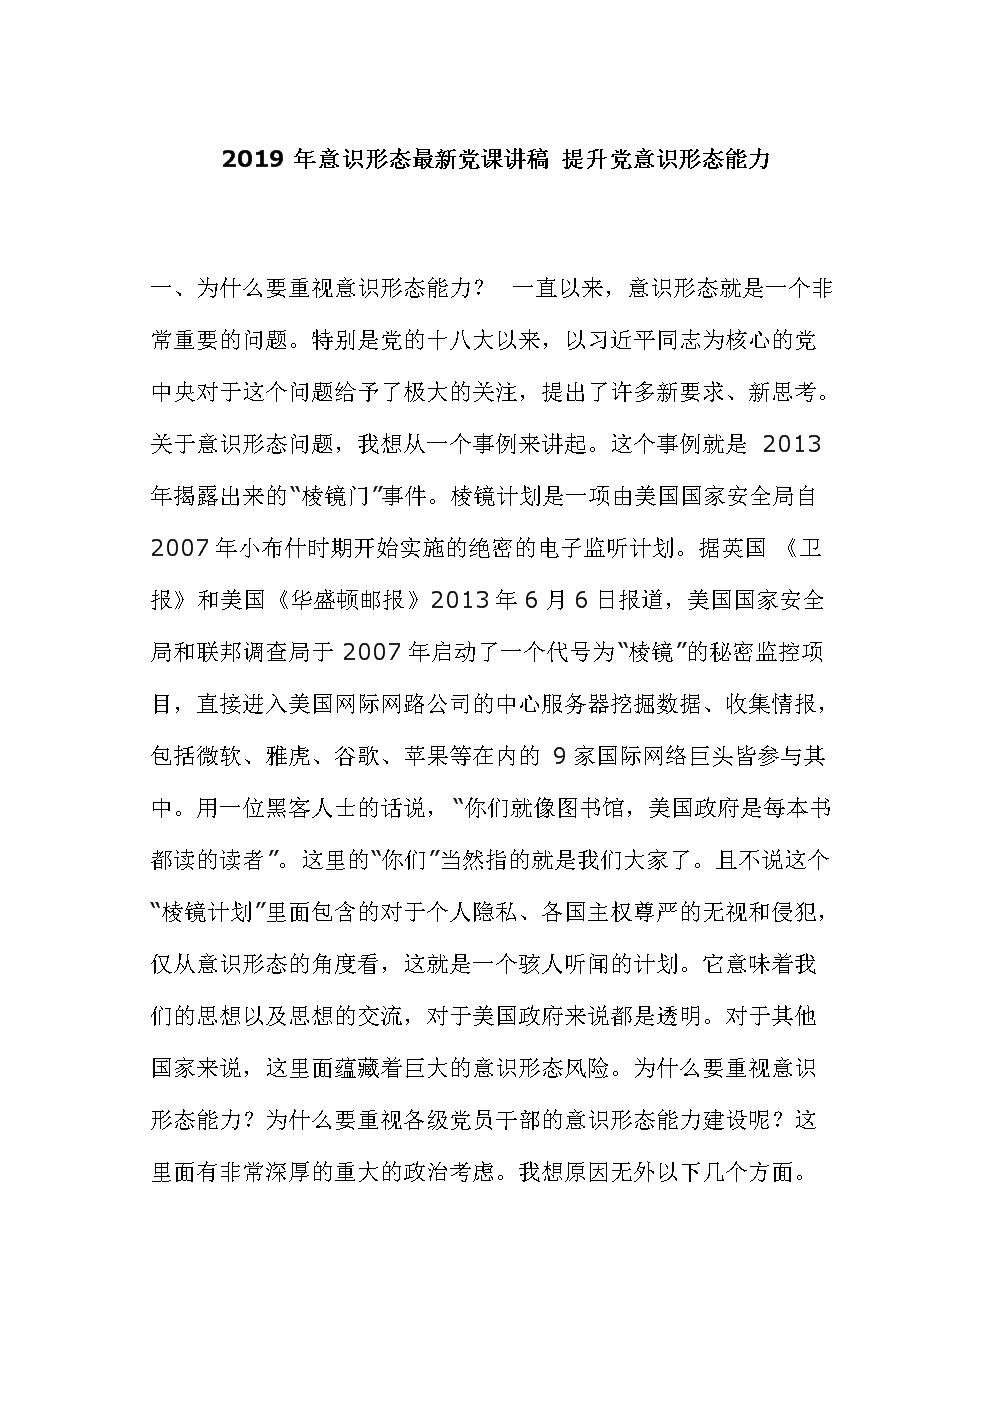 2019年形态最新党课讲稿 提升党形态能力.docx